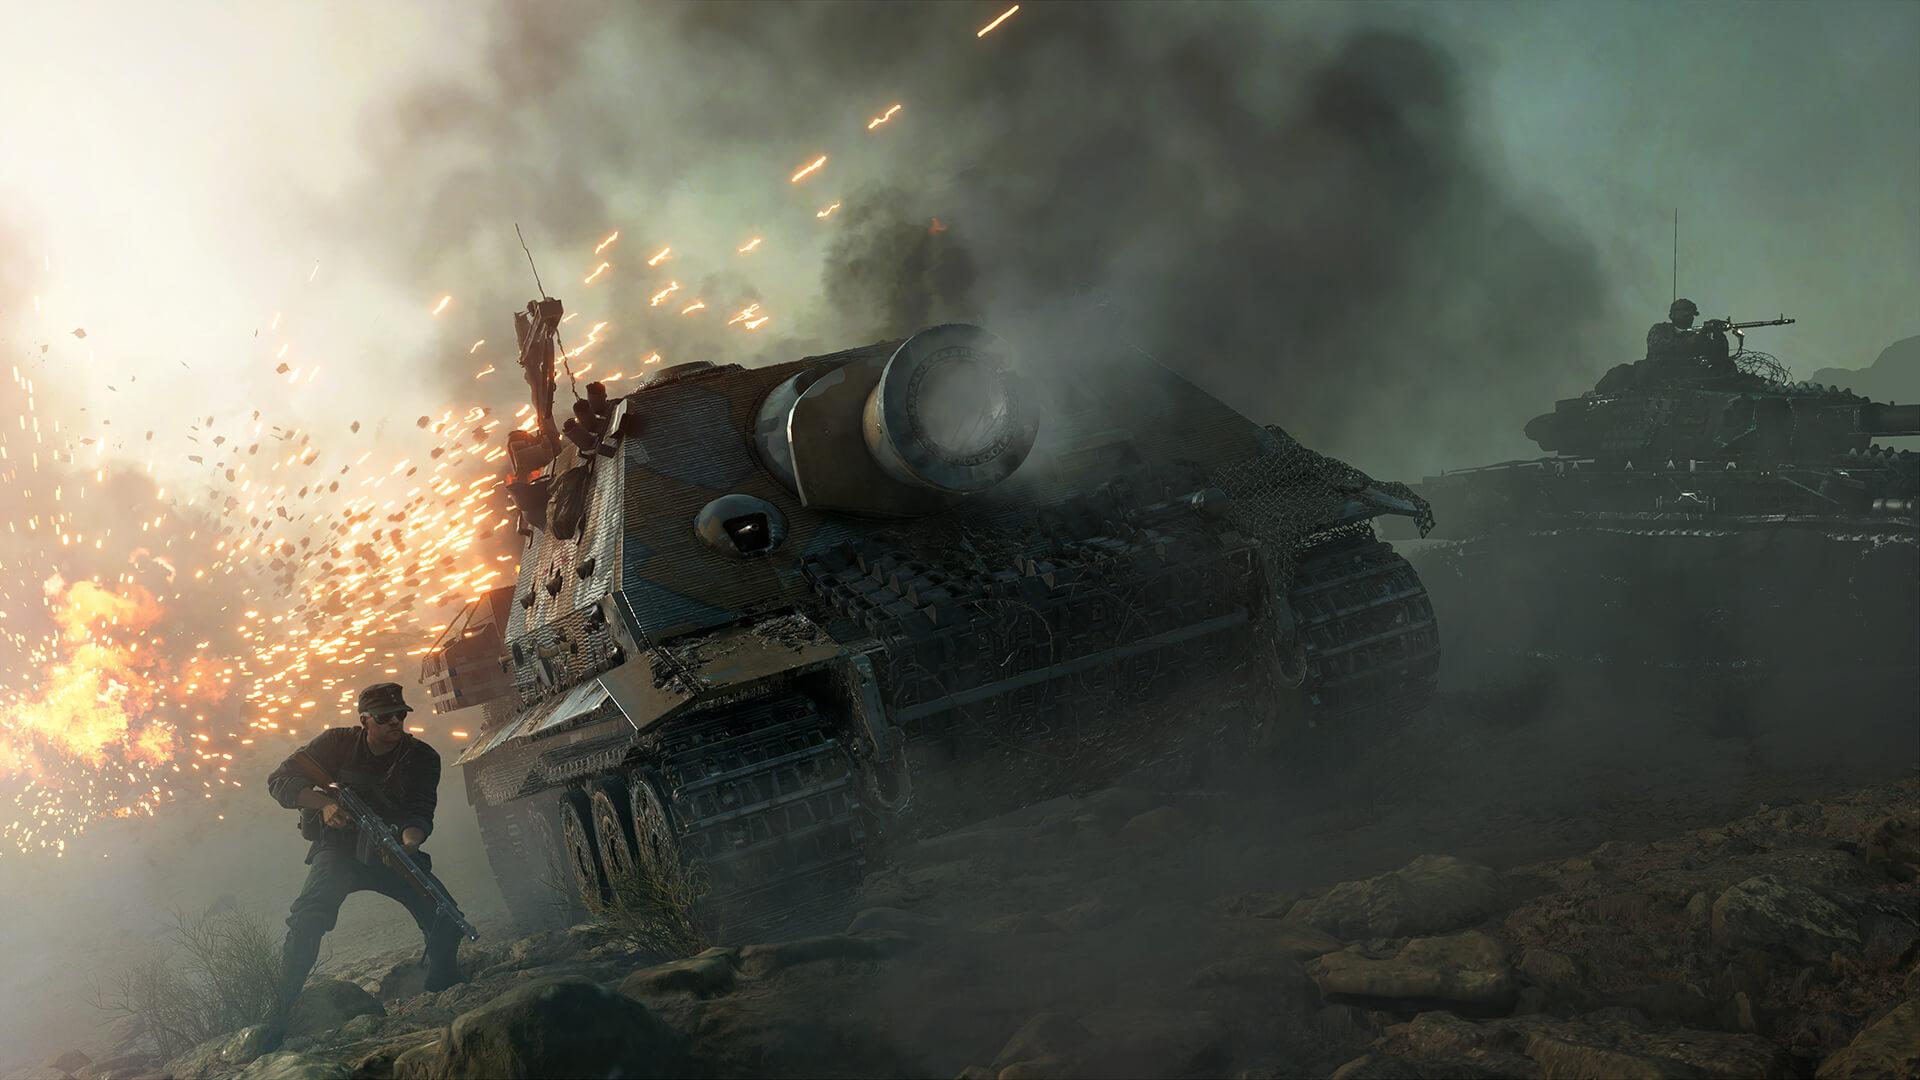 На иллюстрации снимок экрана из игры Battlefield V — изображена техника из игры